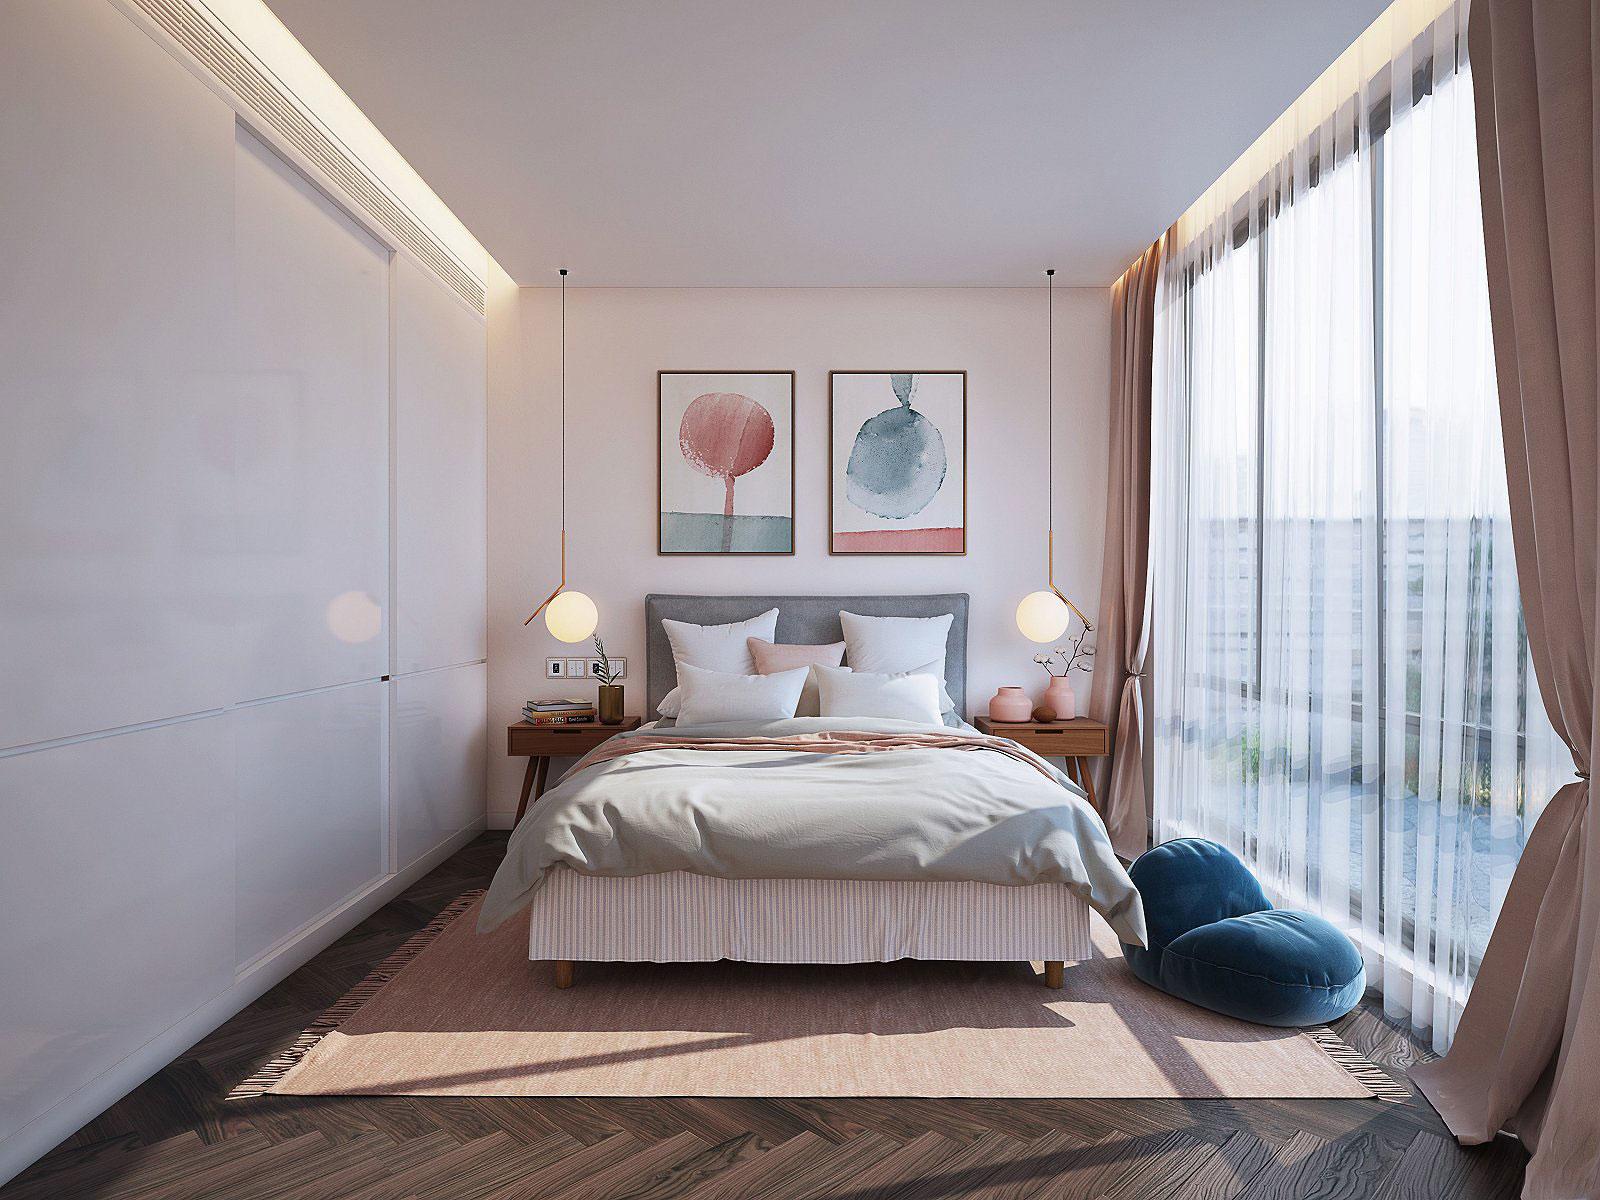 背景墙 房间 家居 起居室 设计 卧室 卧室装修 现代 装修 1600_1200